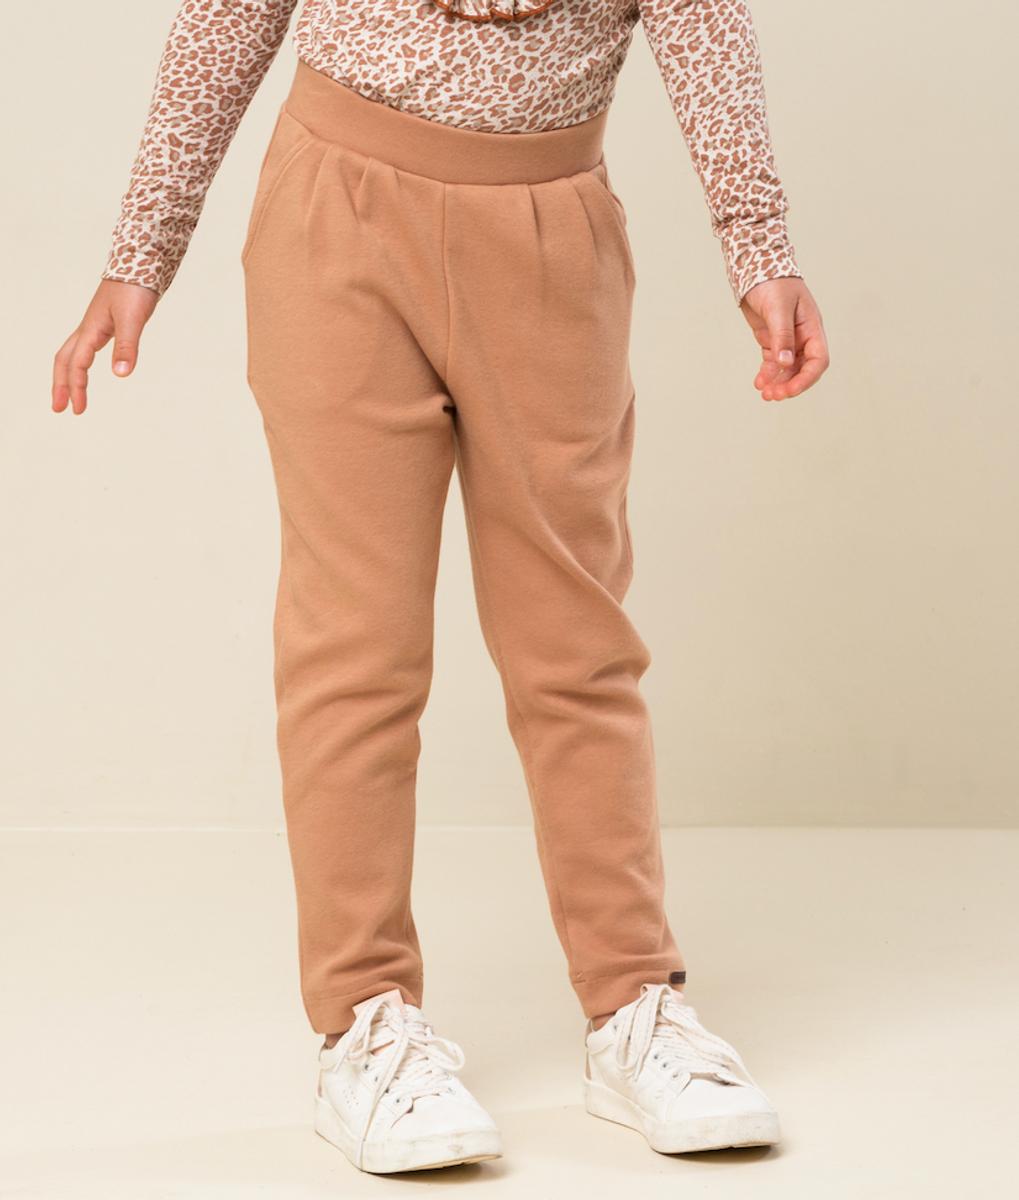 Bukse patina rose brown